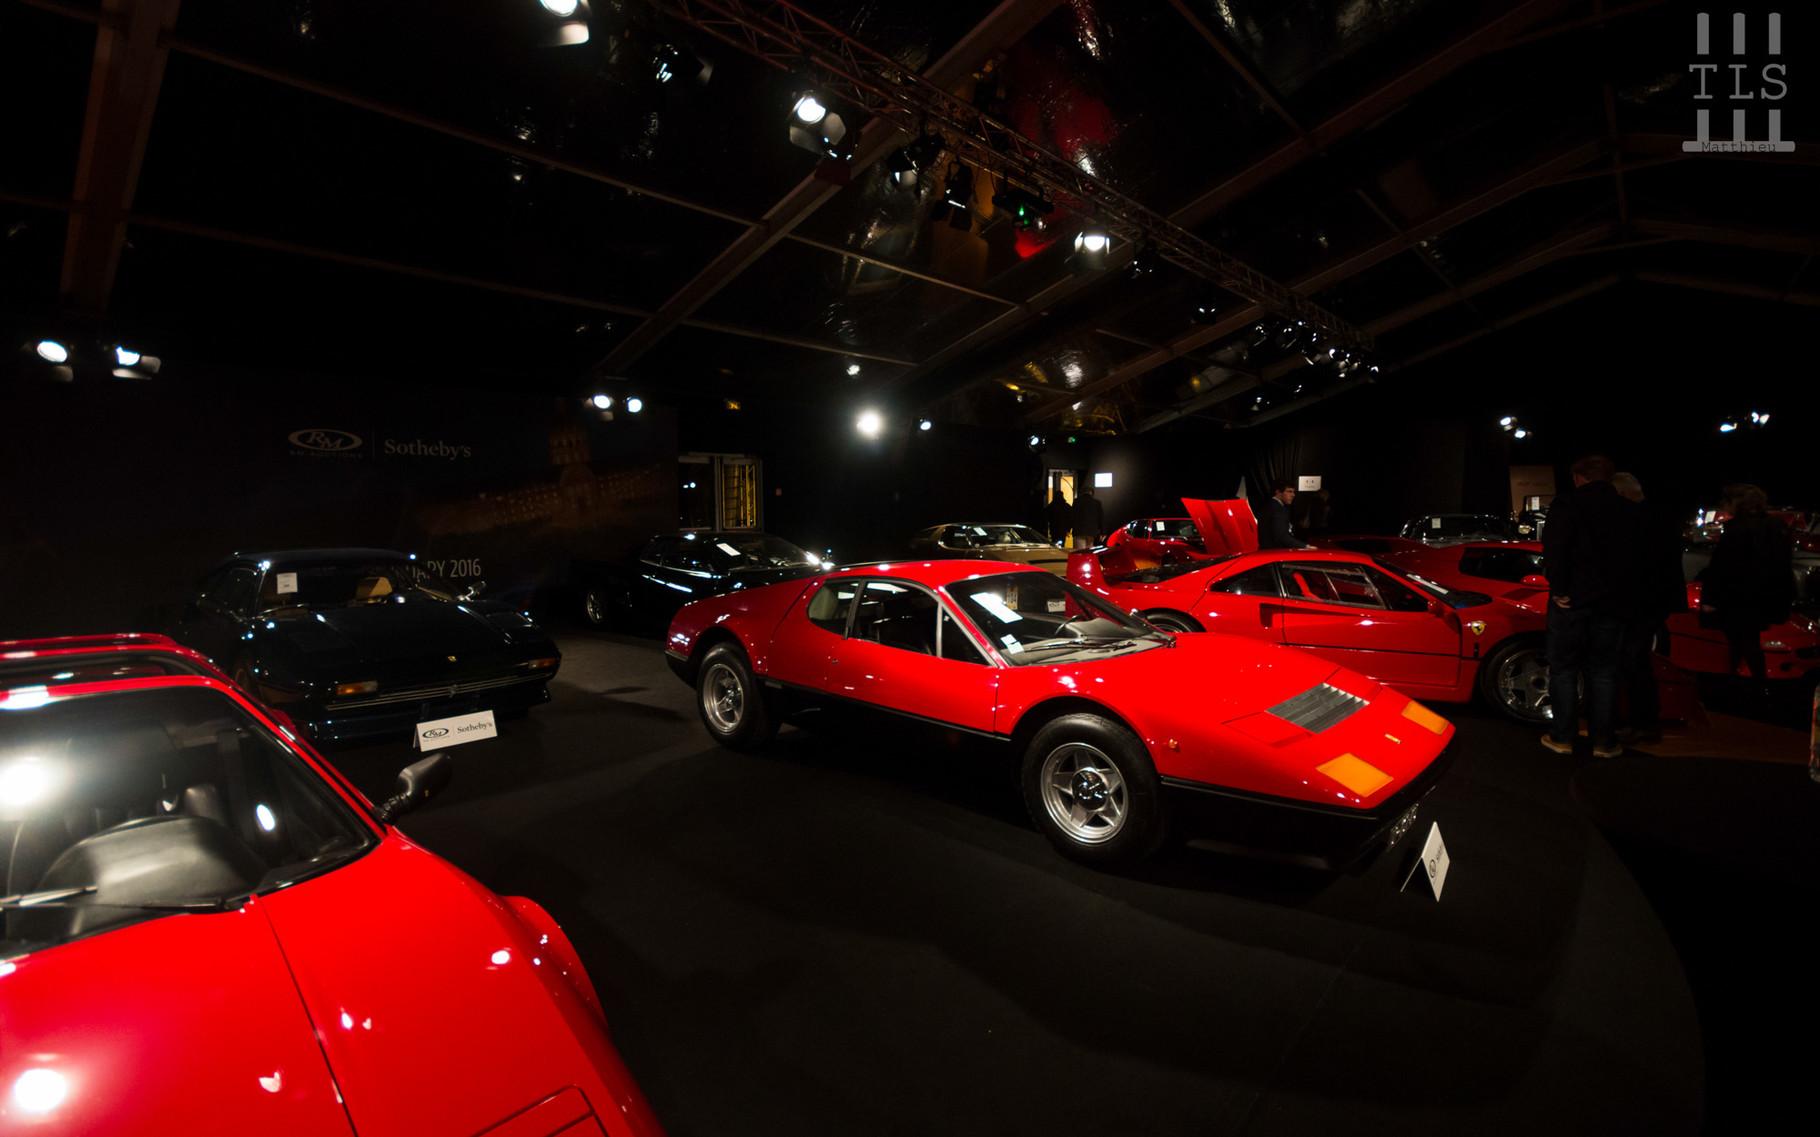 Ferrari BB512 : estimée entre 400 000 et 450 000 euros, invendue.